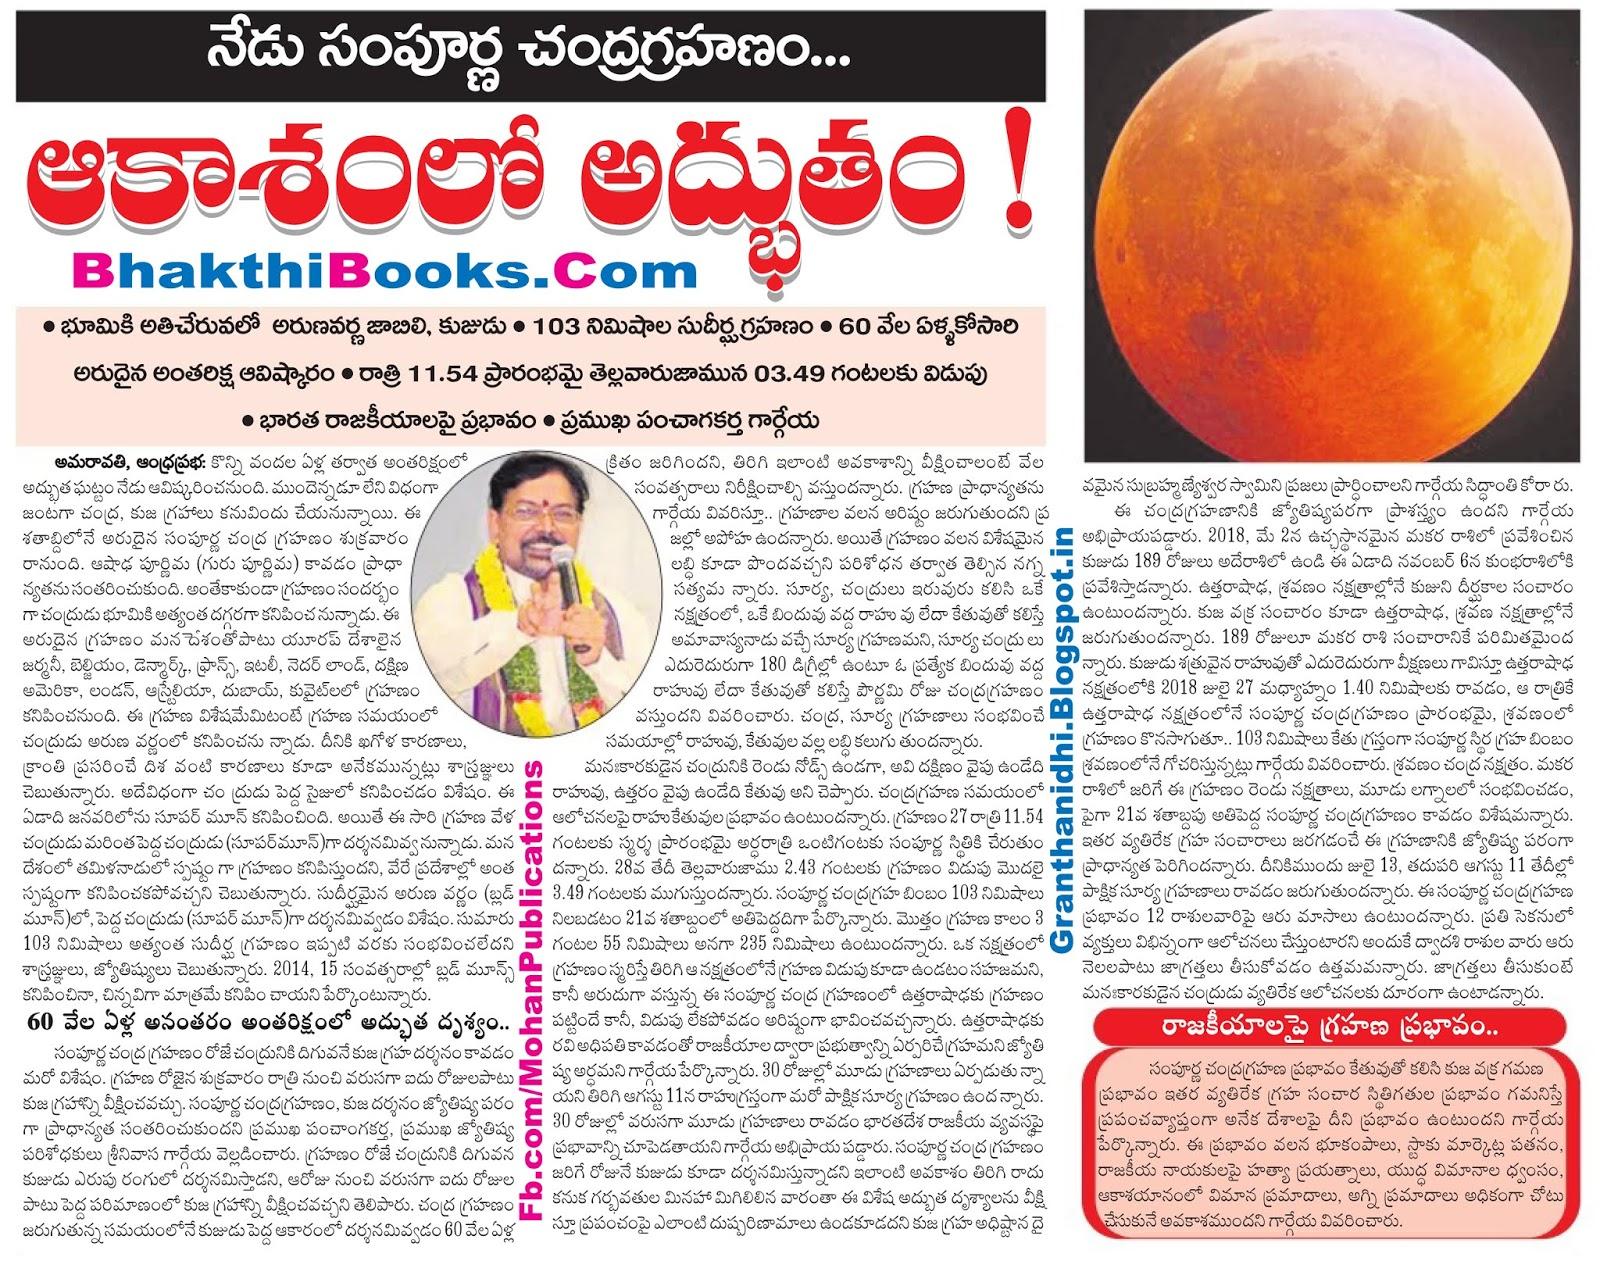 చంద్రగ్రహణం | chandra grahan | bhaktibooks |